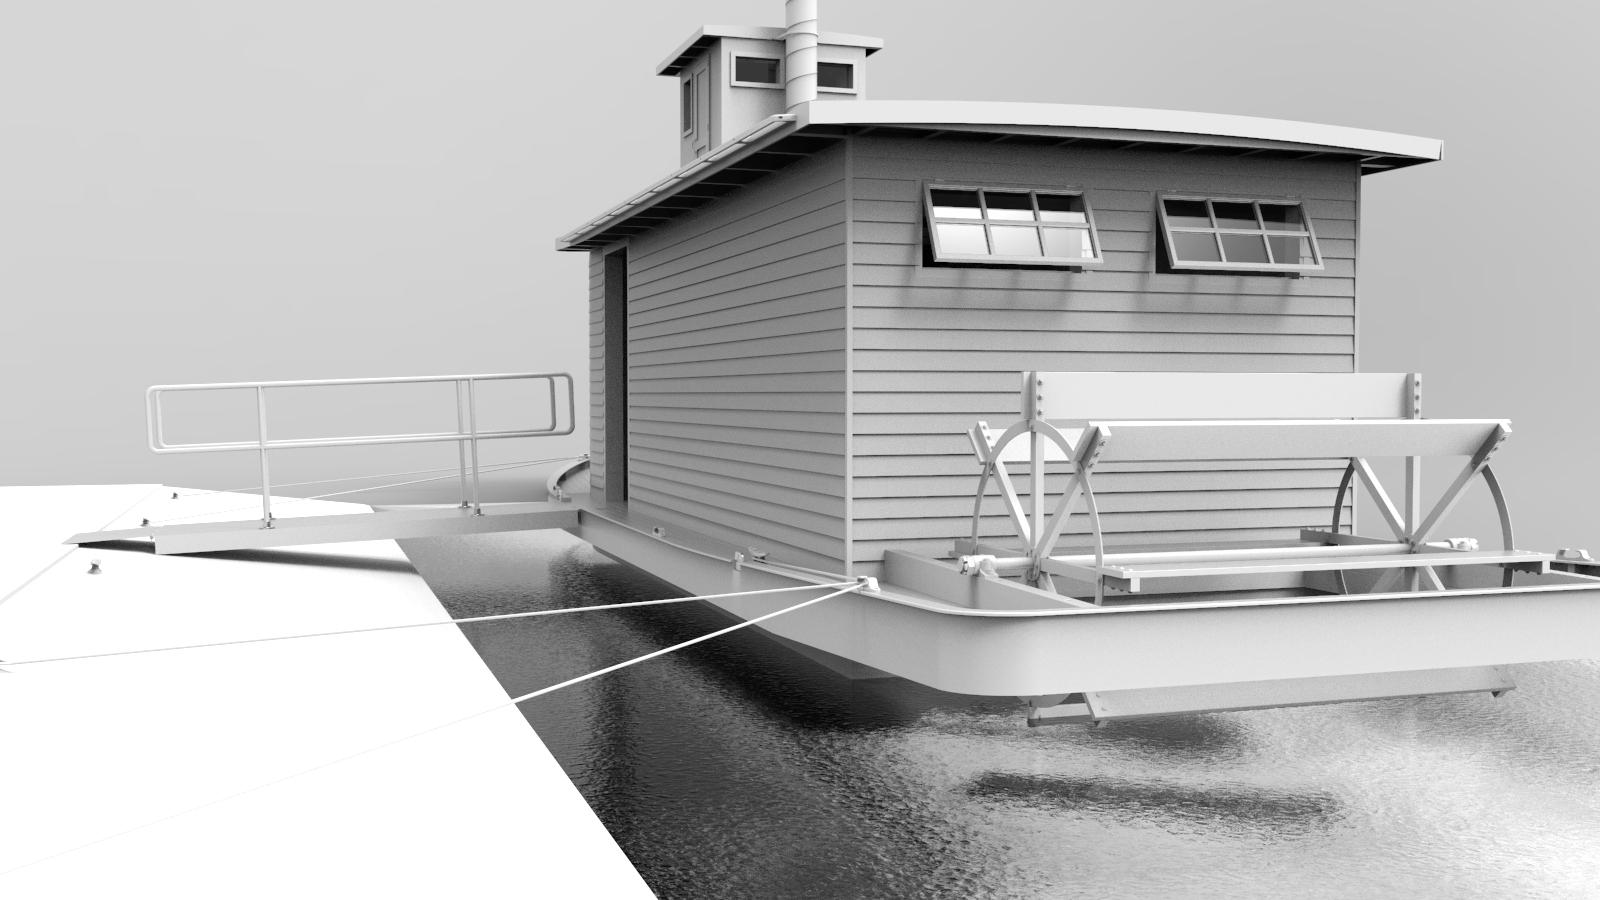 Valiente Boat Render.692.jpg